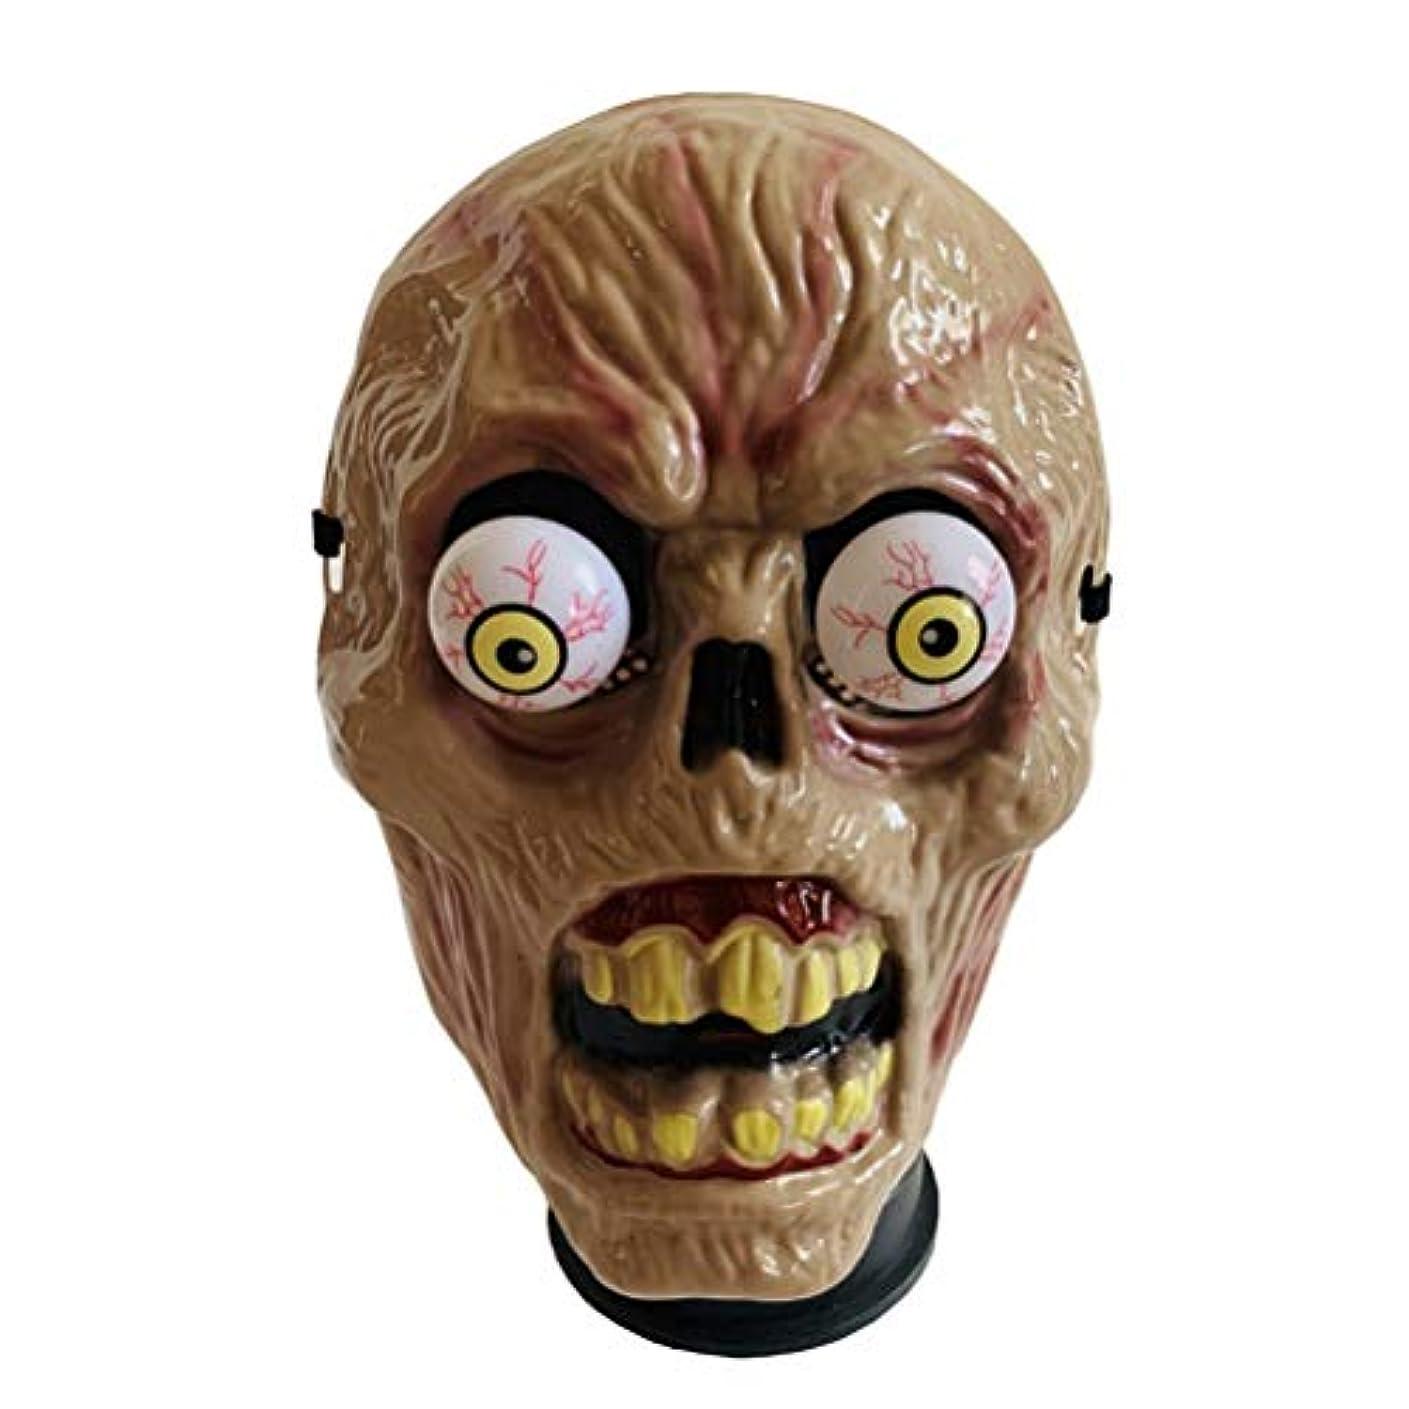 航空機エコーほんのAmosfunハロウィンゾンビマスク春眼球コスプレマスク衣装プロップアクセサリー仮面舞踏会マスク用バーパーティー